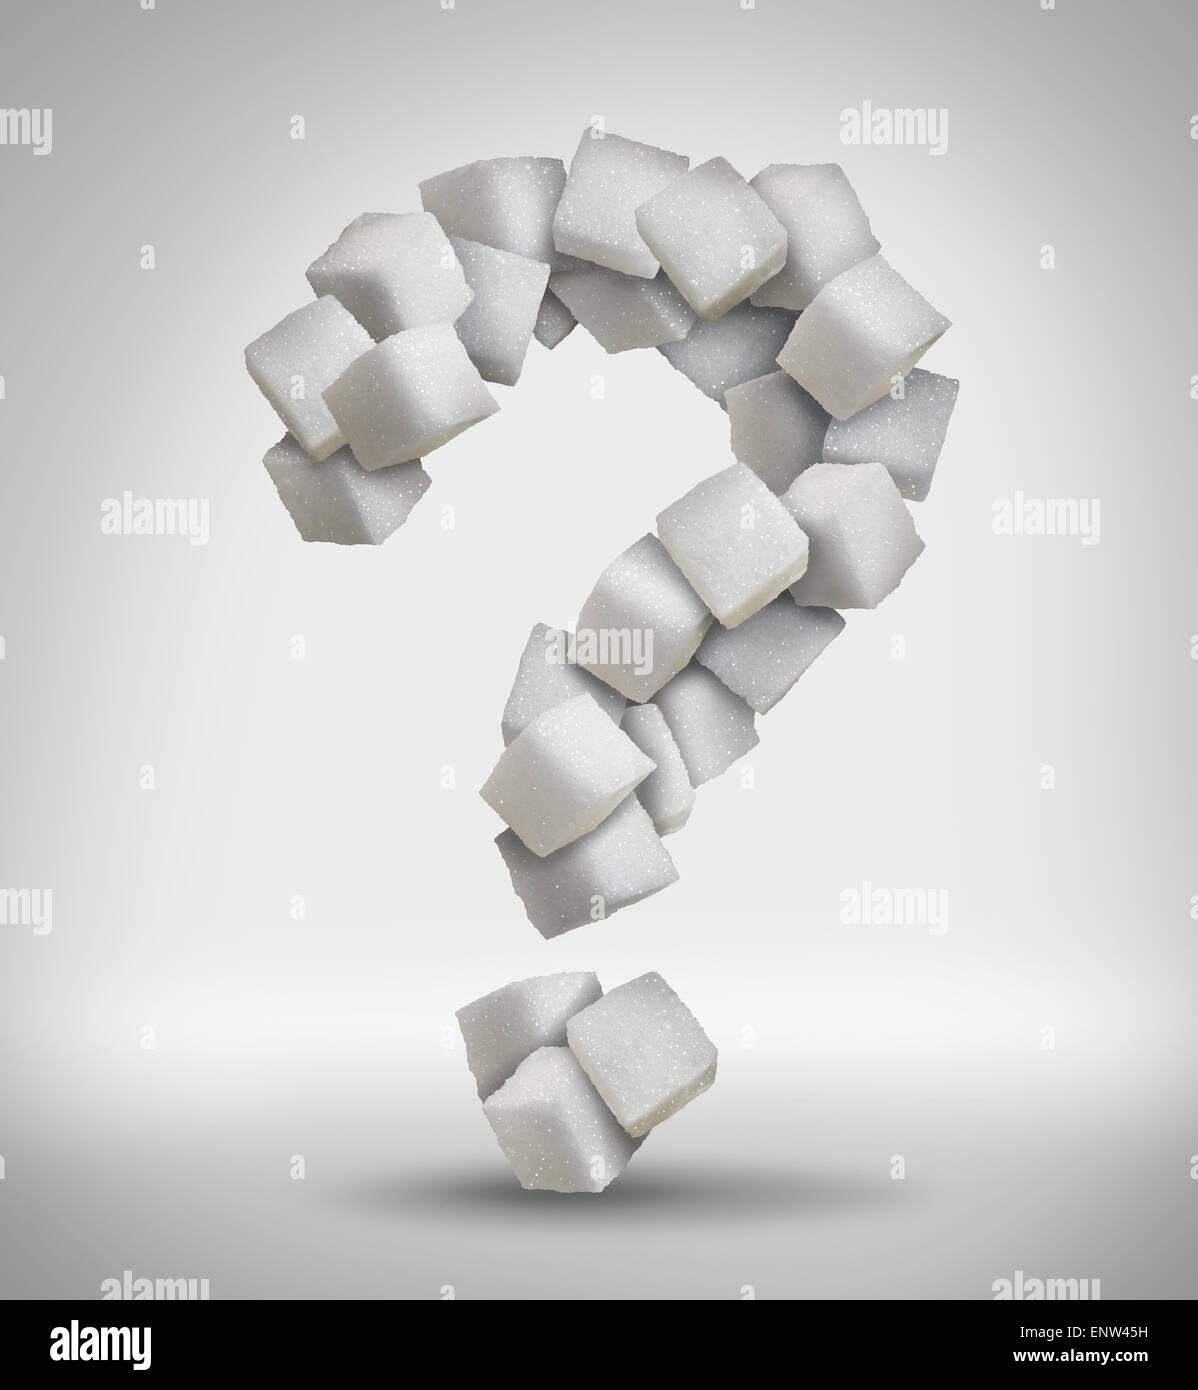 Domande di zucchero concetto dolce ingrediente alimentare con una chiusura di una pila di deliziosi grumi bianchi Immagini Stock